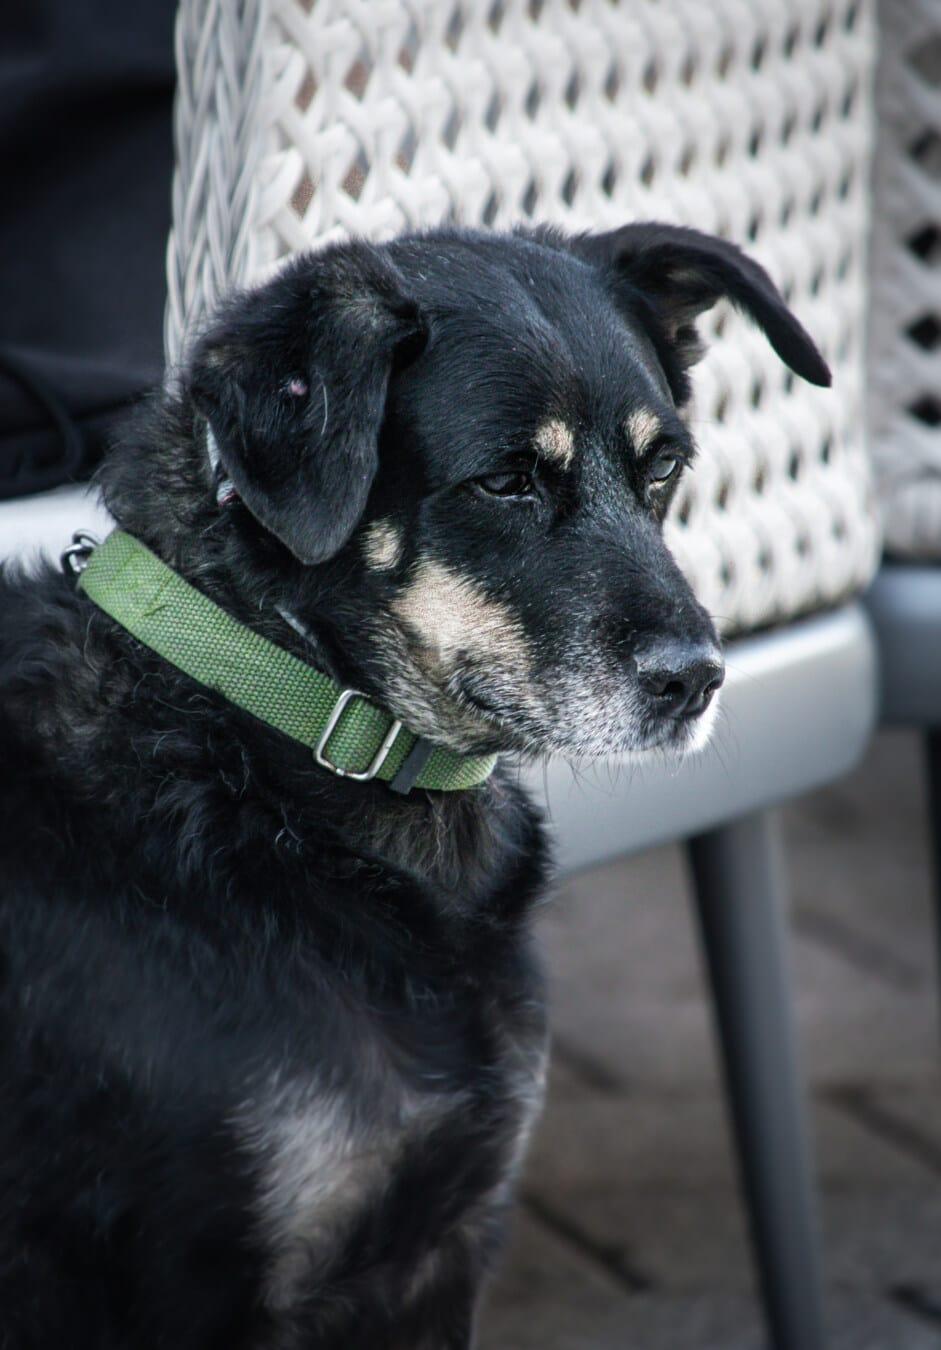 vert, laisse, collier, domestique, chien de berger, chien de chasse, ami (e), chien, chien d'arrêt, portrait